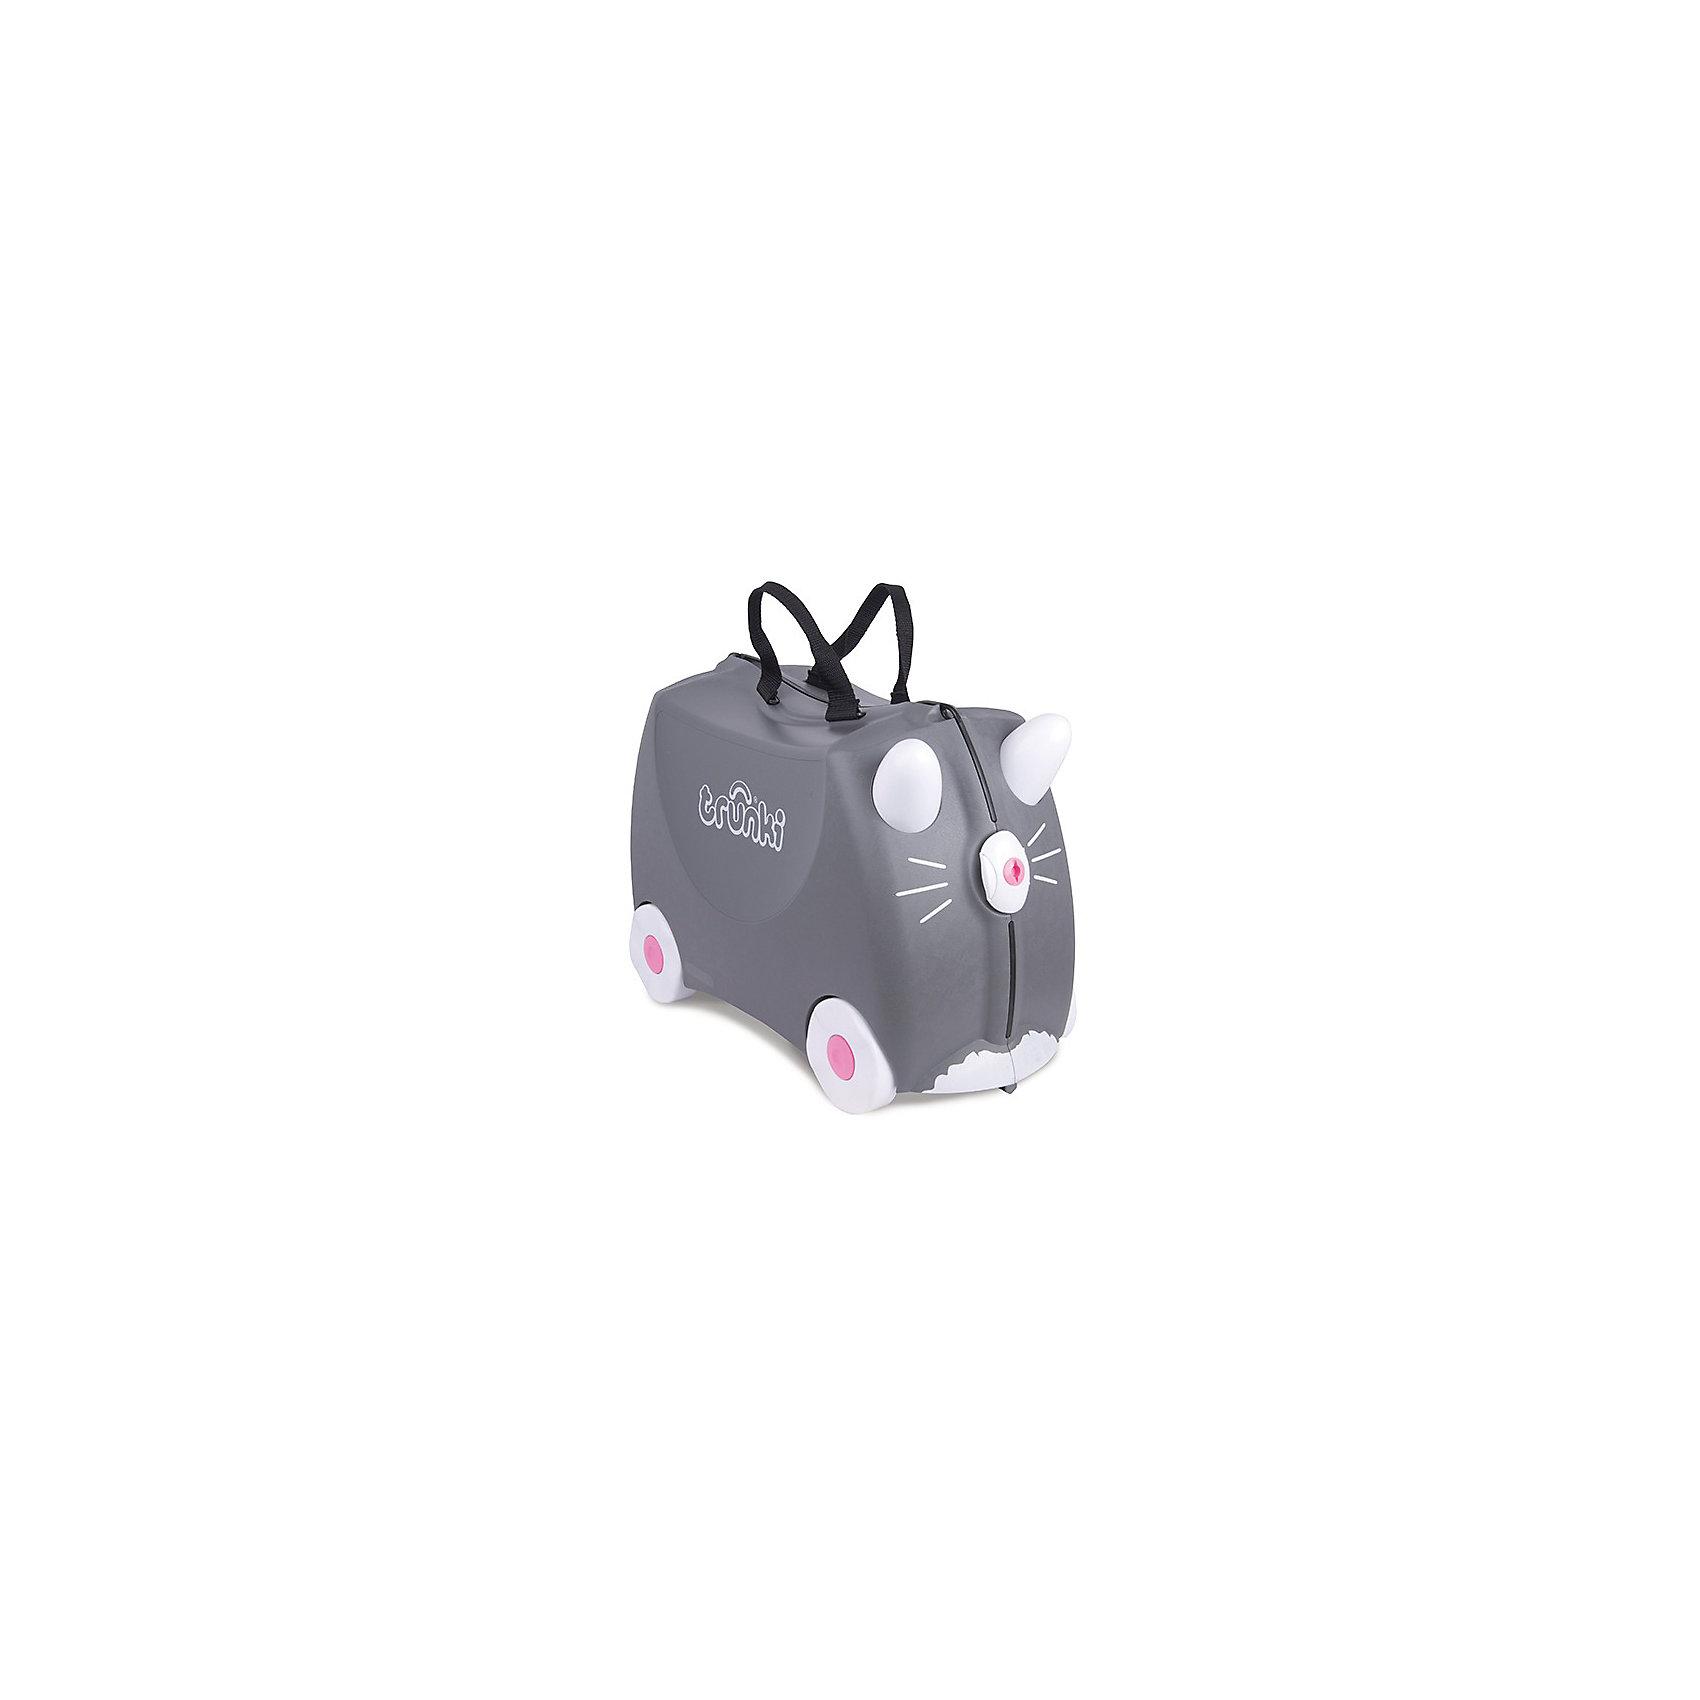 Чемодан на колесиках Котенок БенниДорожные сумки и чемоданы<br>Вместительный, удобный чемодан Котенок Бенни - замечательный вариант для маленьких путешественников. Оригинальный чемодан выполнен из прочного пластика в виде забавного серого котенка с белыми ушками и розовым носиком-замком. Размеры позволяют брать его в самолет как ручную кладь. Чемоданчик может использоваться как детский стульчик и как оригинальное средство передвижения. Благодаря надежным колесикам, удобной конструкции седла и стабилизаторам малыш ездит на чемодане как на каталке, отталкиваясь ножками и держась за ушки котенка. <br><br>Чемодан оснащен удобными ручками для переноски и надежным замком с ключиком. С помощью ручного буксировочного ремня котенка можно везти по полу или нести на плече. Внутри просторное двустворчатое отделение для одежды и дорожных принадлежностей с ремнями для фиксации одежды, а также потайные секретные отсеки для мелочей. Все детали выполнены из экологически чистых, безопасных для детского здоровья материалов. Собственный чемодан для путешествий позволит ребенку почувствовать себя взрослым и самостоятельным.<br><br>Дополнительная информация:<br><br>- Материал: высококачественный пластик.<br>- Объем: 18 л.<br>- Максимальная нагрузка: 45 кг.<br>- Кол-во колес: 4 колеса.<br>- Размер чемодана: 46 х 20,5 х 31 см.<br>- Вес: 1,7 кг.<br><br>Чемодан на колесиках Котенок Бенни, Trunki, можно купить в нашем интернет-магазине.<br><br>Ширина мм: 460<br>Глубина мм: 210<br>Высота мм: 310<br>Вес г: 1700<br>Возраст от месяцев: 36<br>Возраст до месяцев: 72<br>Пол: Унисекс<br>Возраст: Детский<br>SKU: 4660579